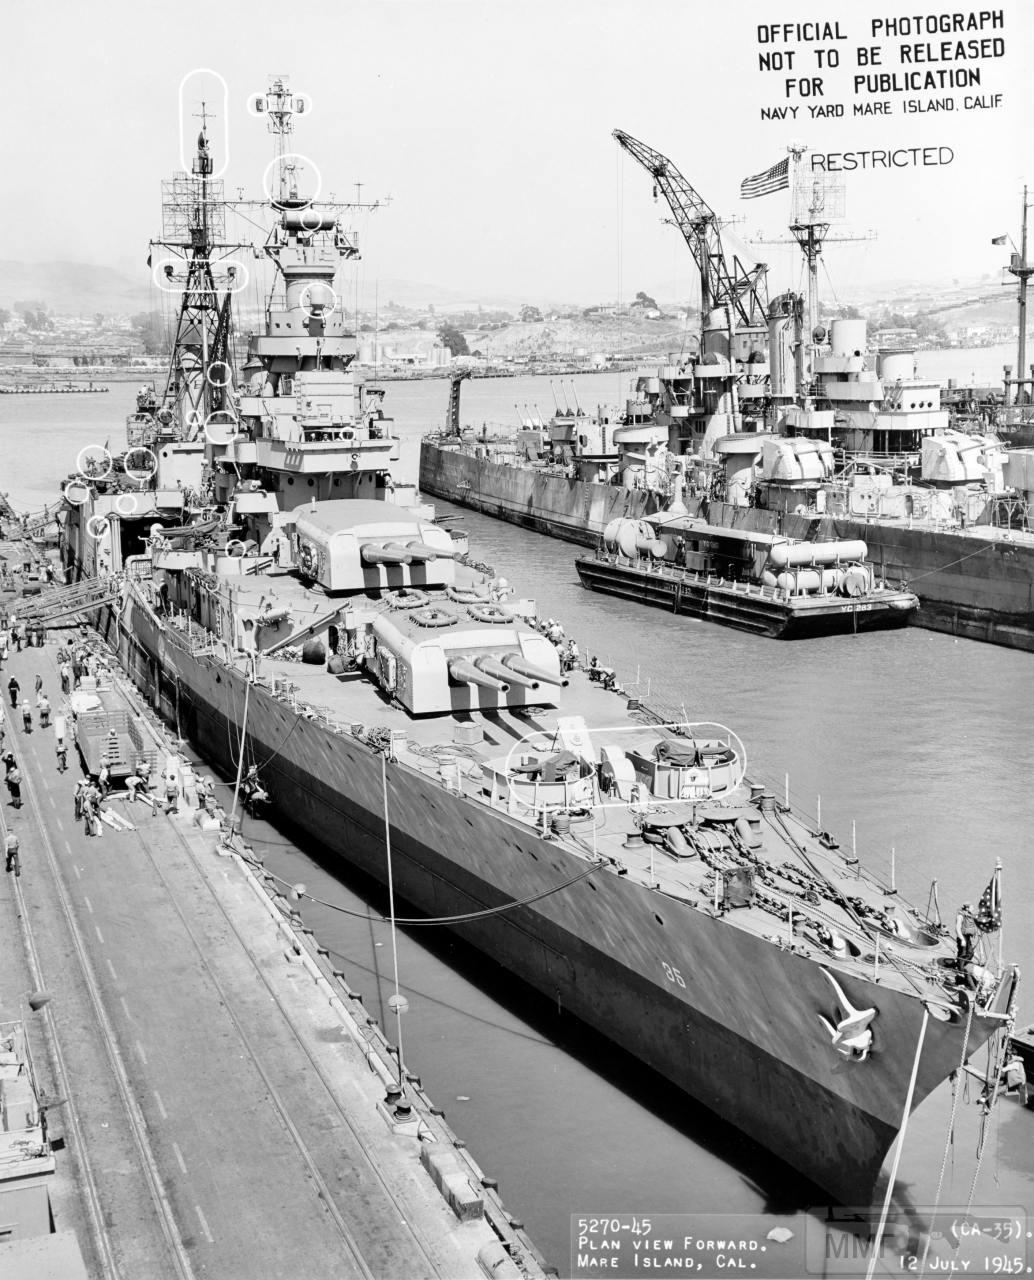 109545 - USS Indianapolis (CA-35)